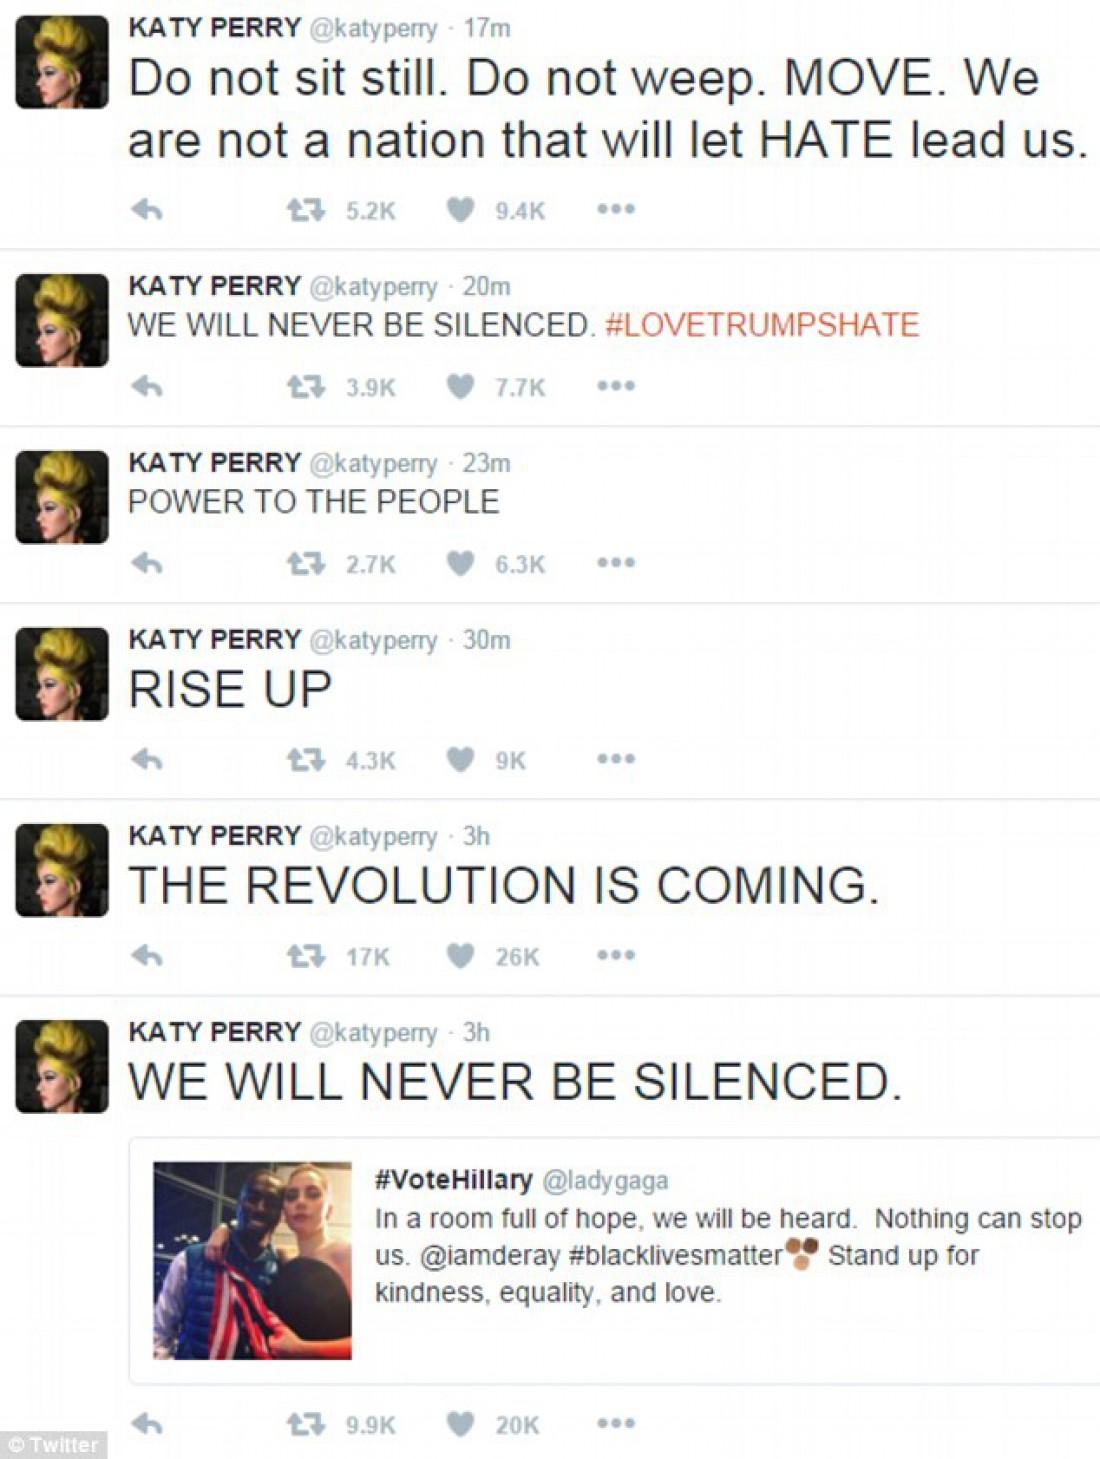 Кеті Перрі: Не сидіть на місці, не плачте. Рухайтесь! Ми не нація, якщо дозволимо ненависті управляти нами. Сила у людях. Насувається революція.